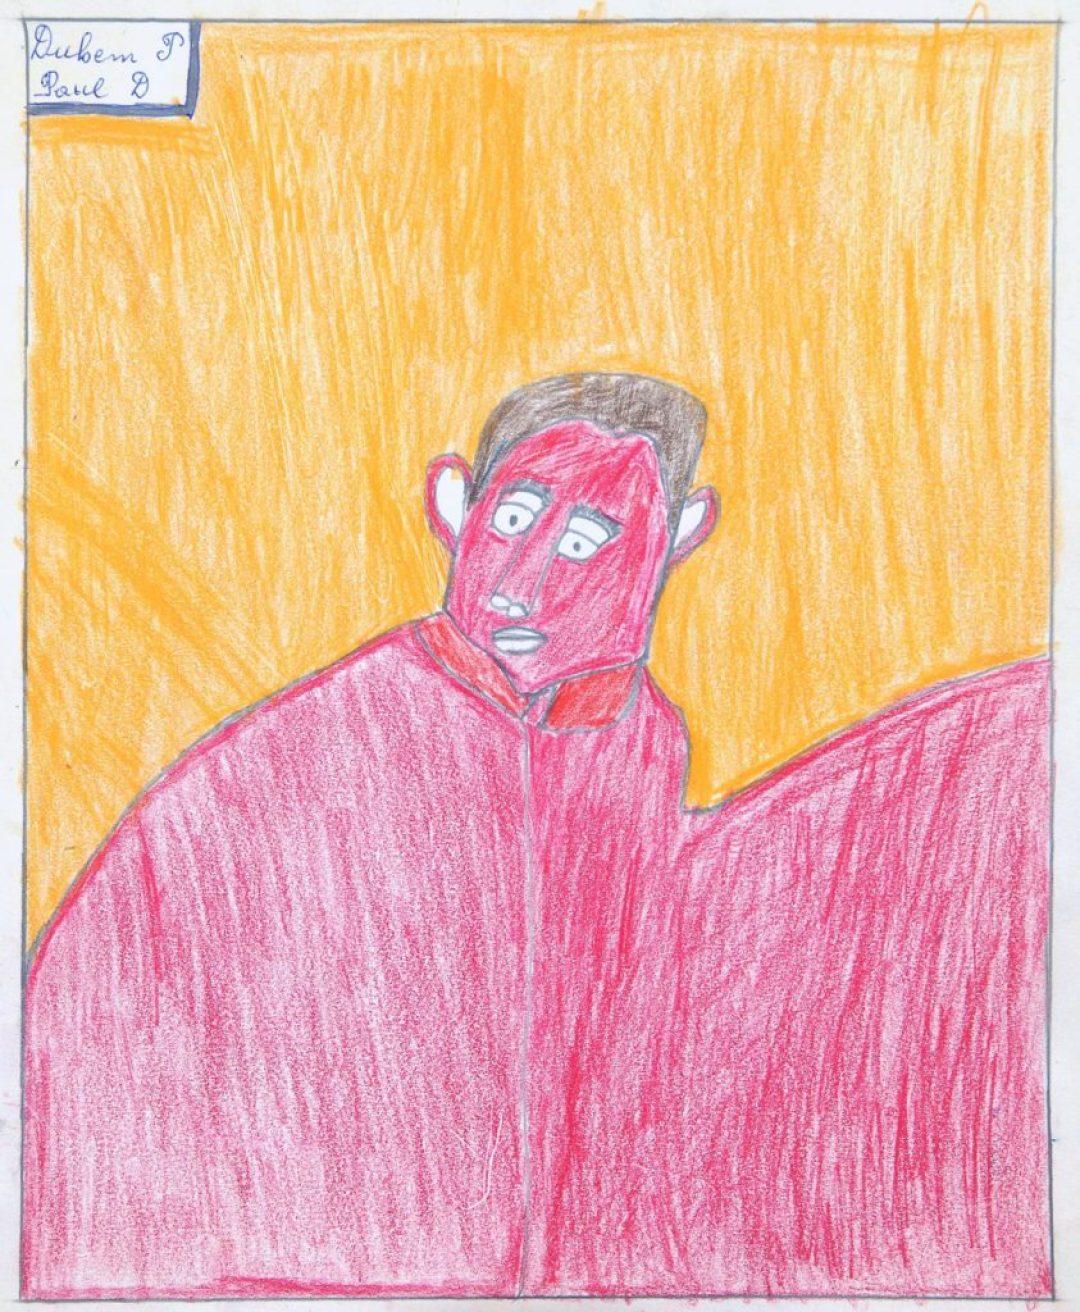 Paul Duhem, sans titre, 1991, crayons de couleur sur papier, 36,8 x 30 cm